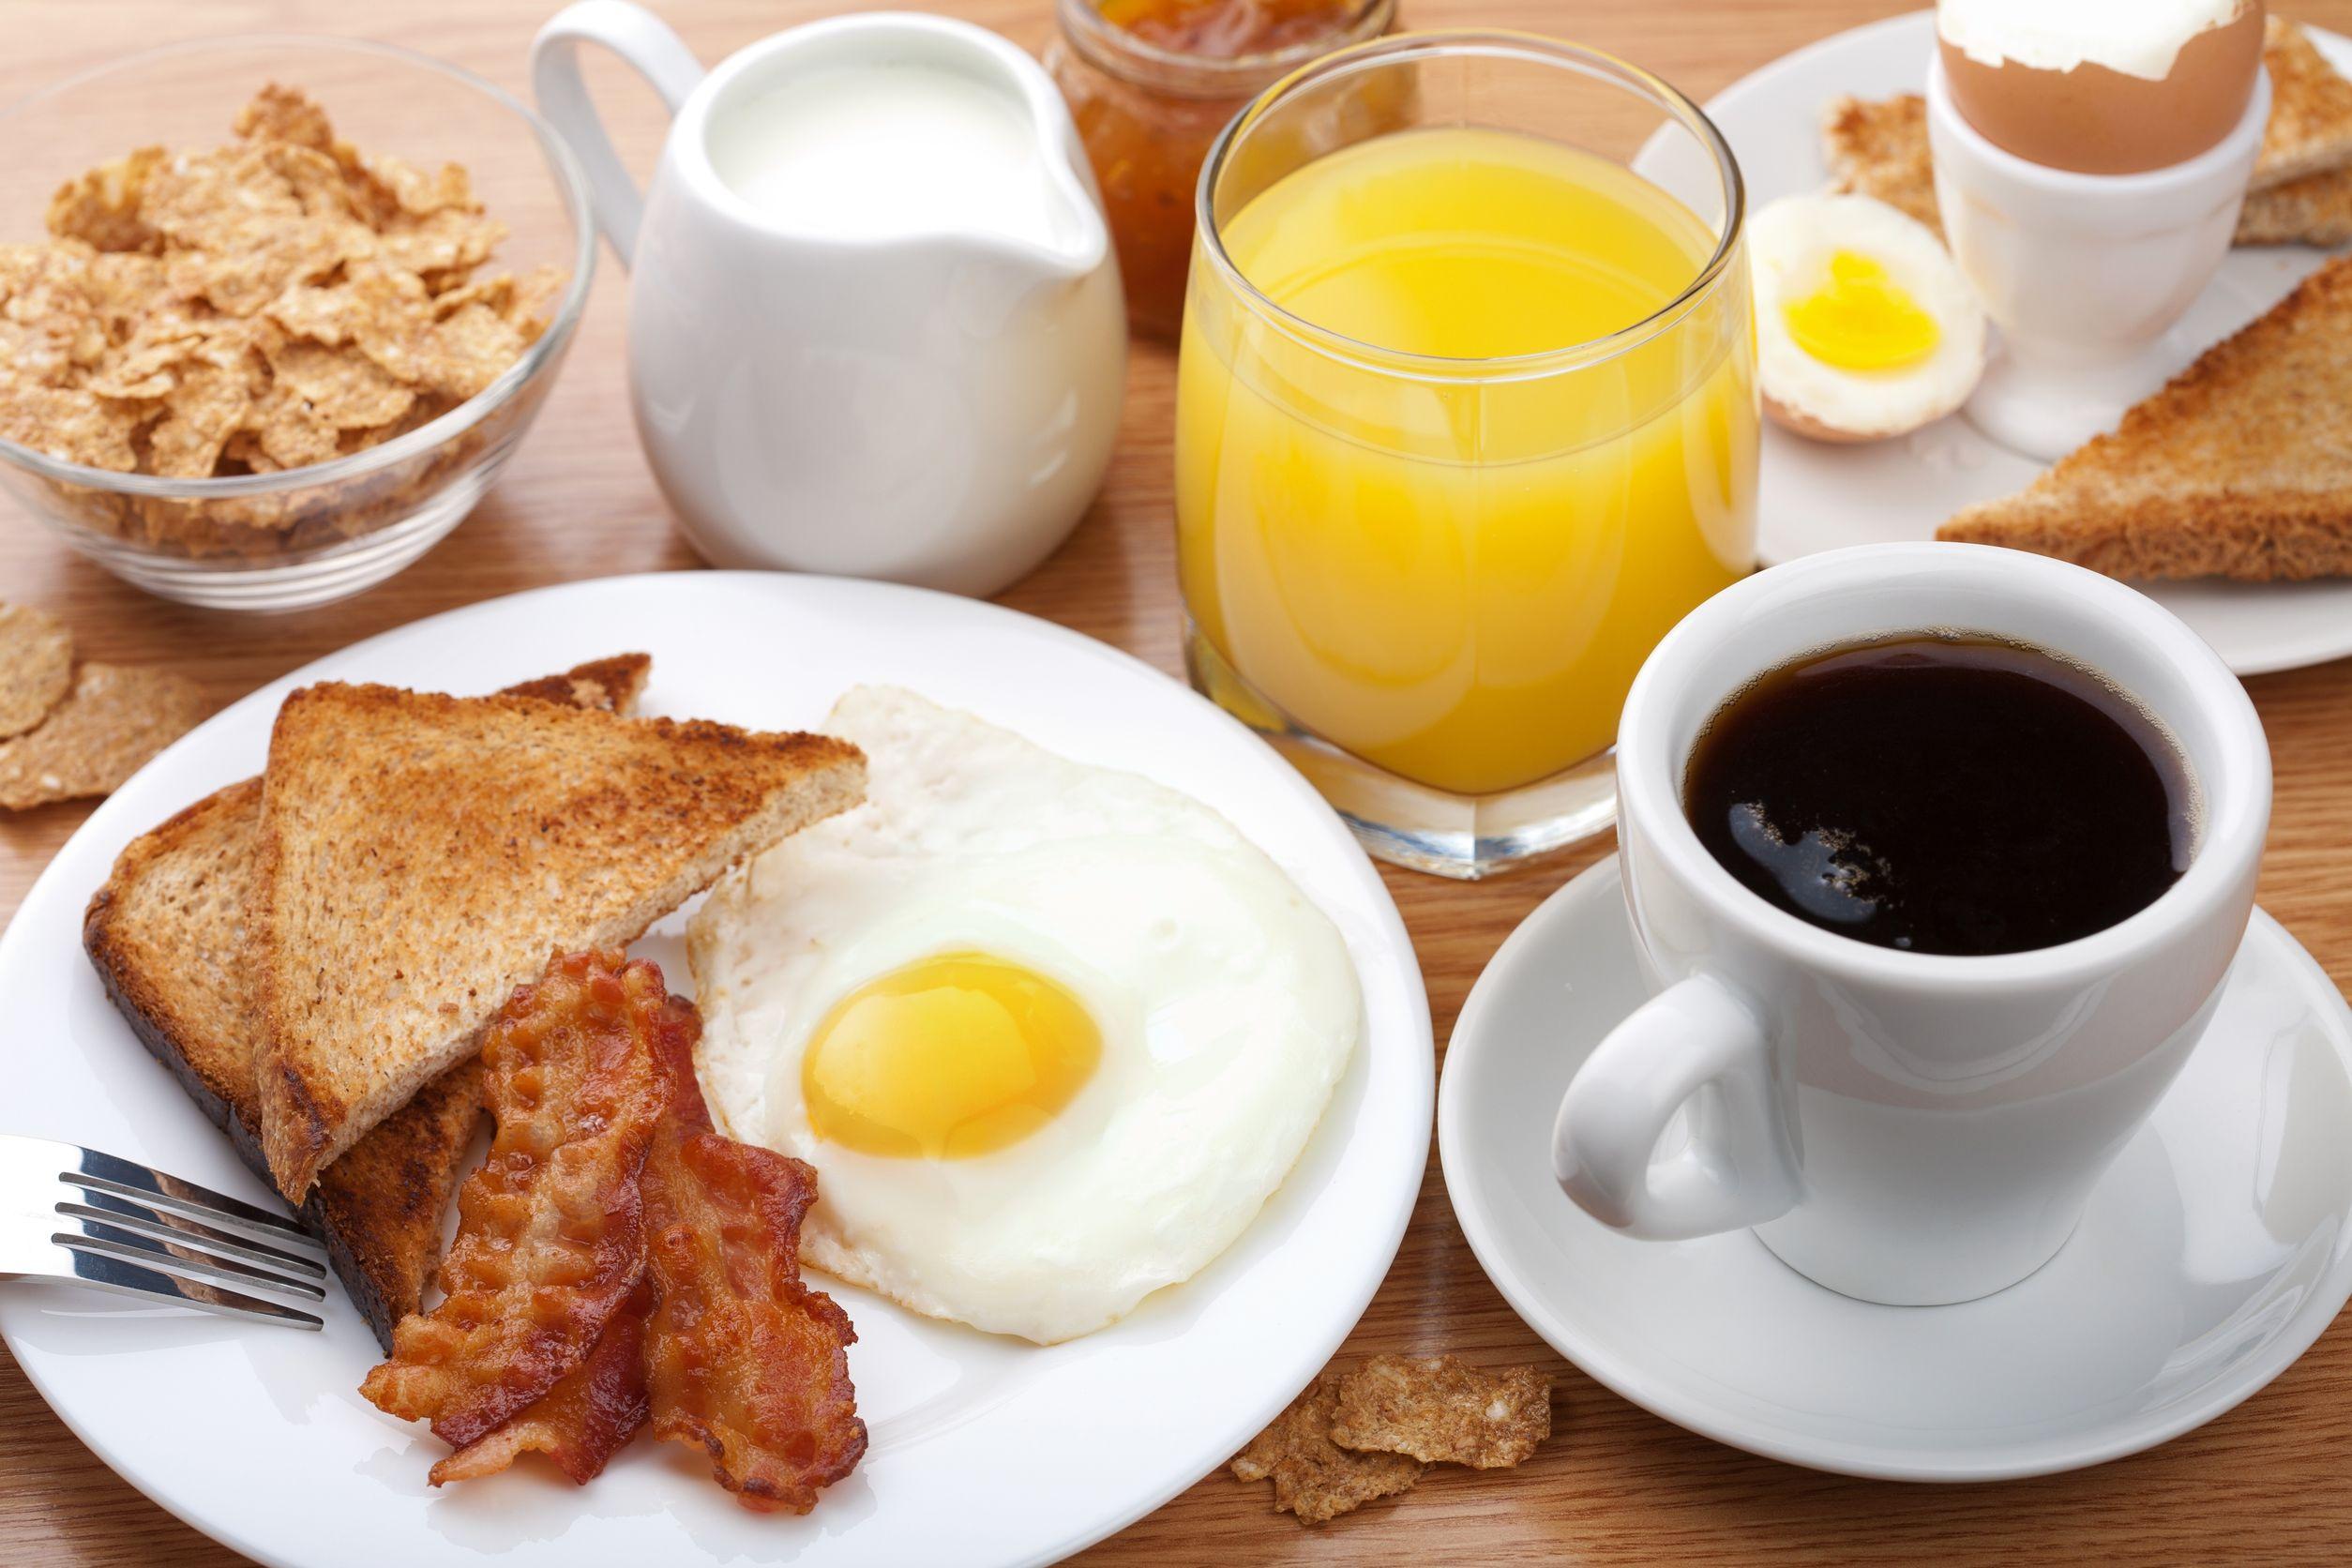 que debemos desayunar en las mañanas